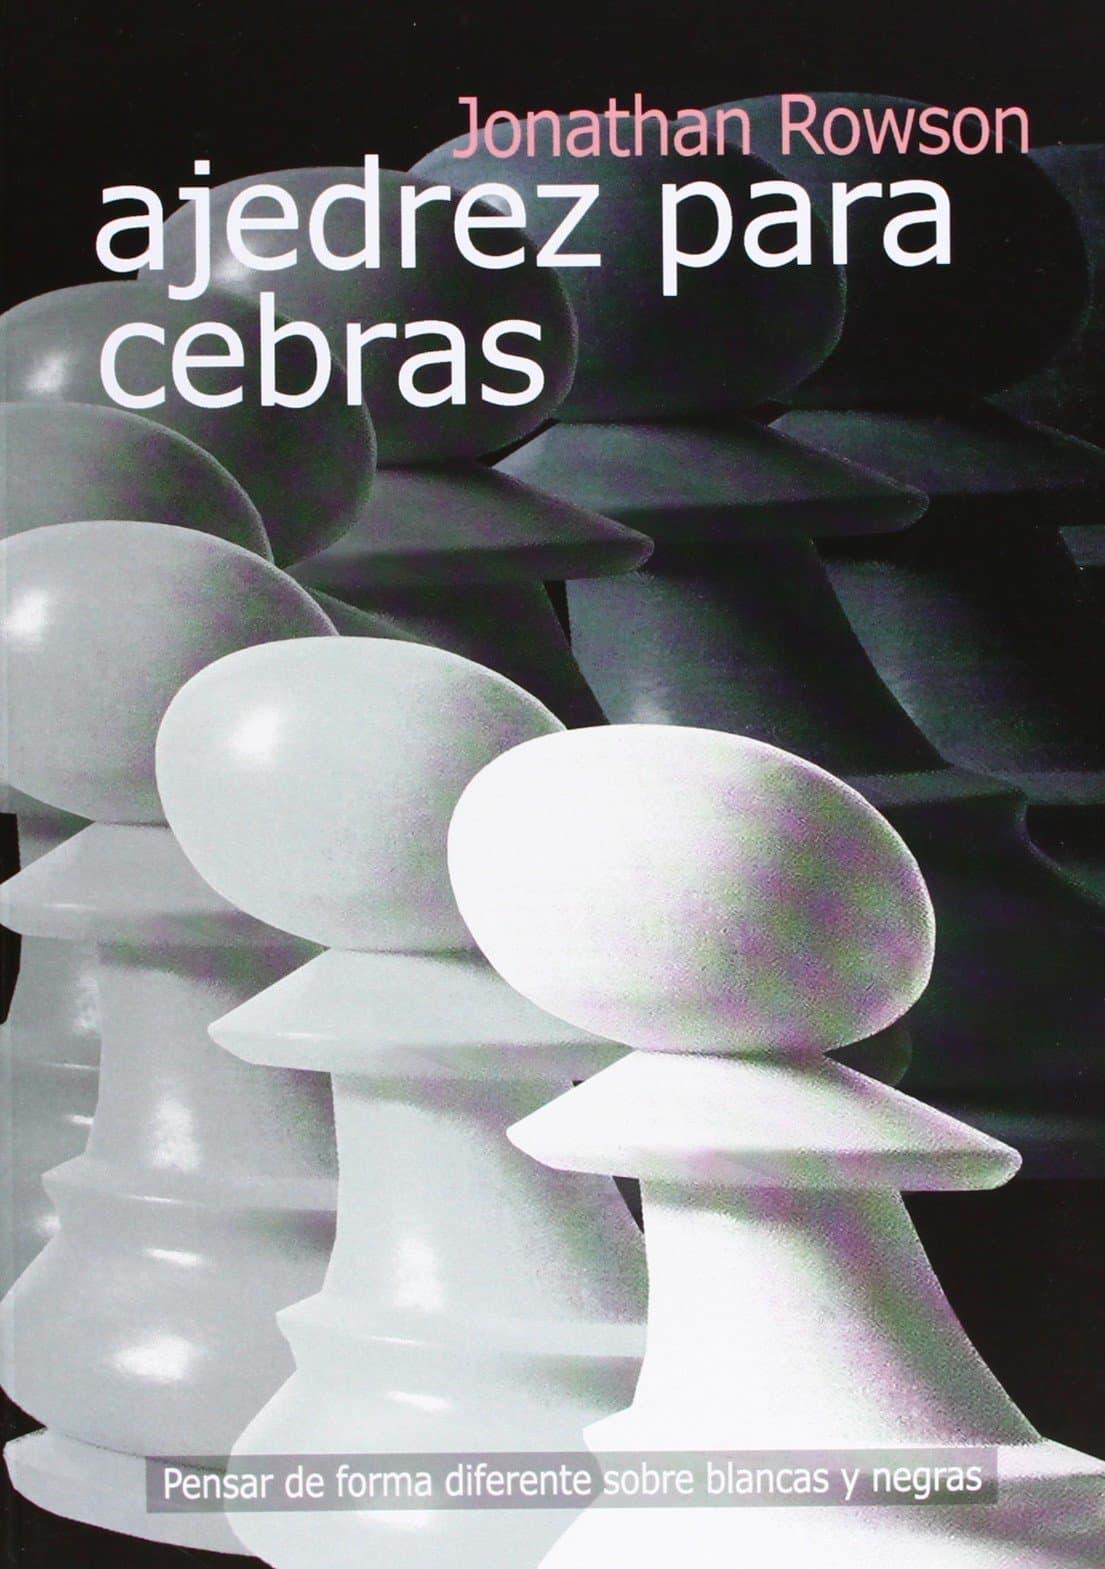 libro ajedrez para cebras con varios peones ilustrados en su portada